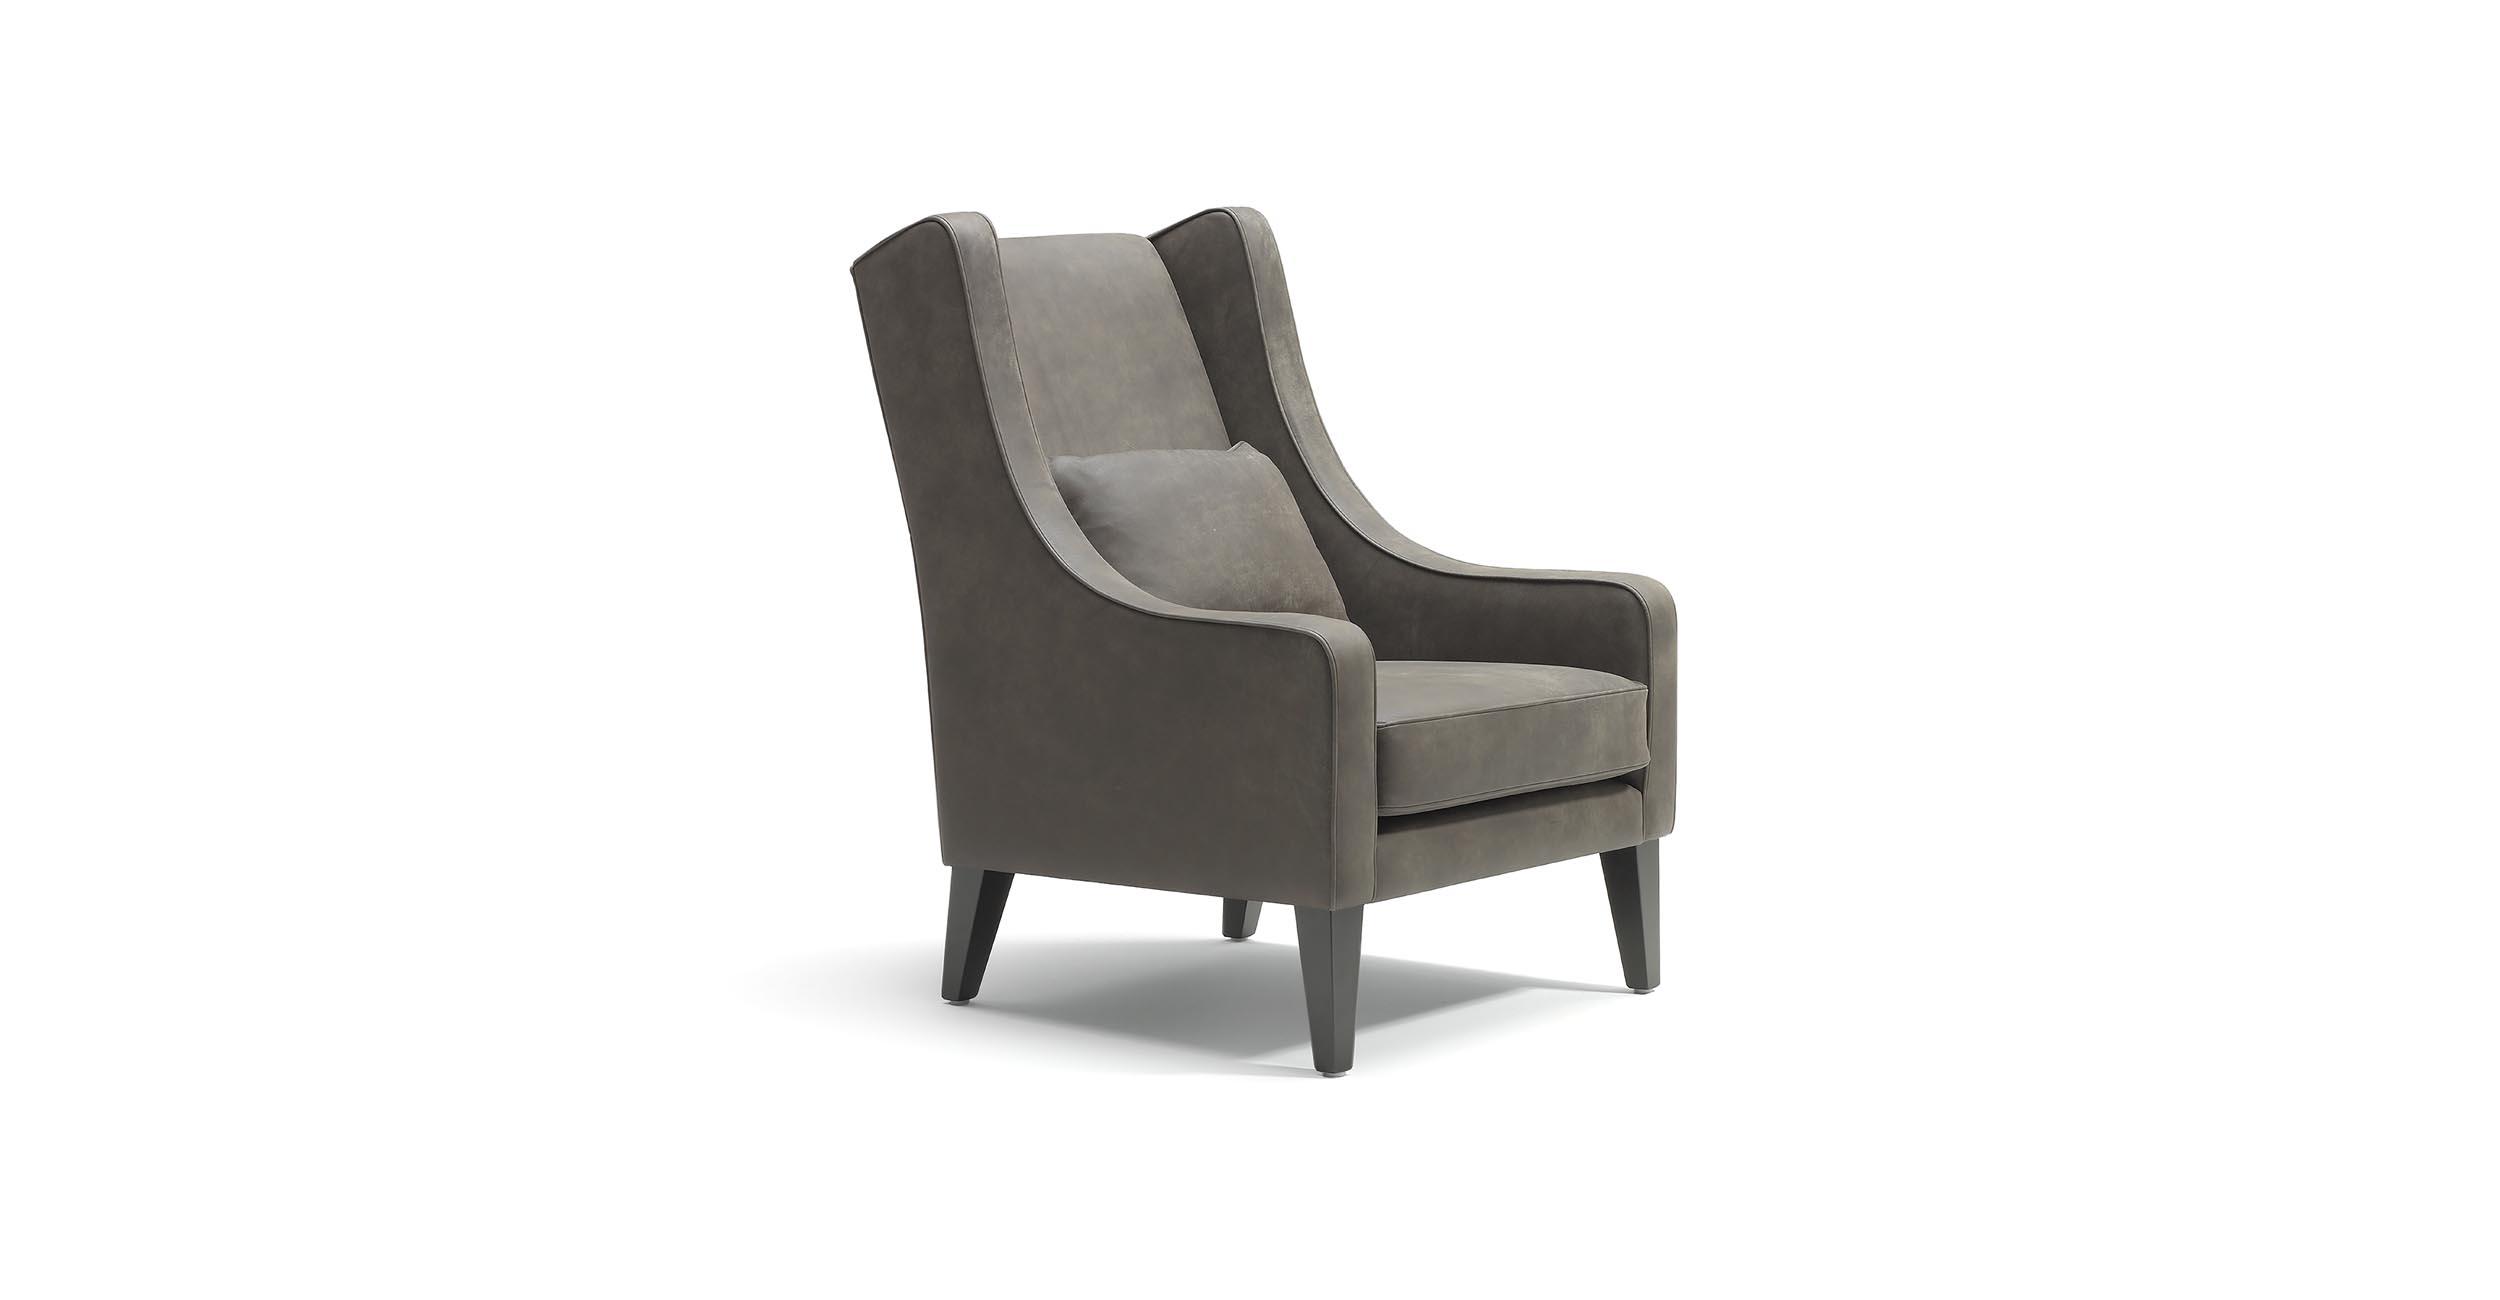 pol International - Sitzmöbel der Spitzenklasse